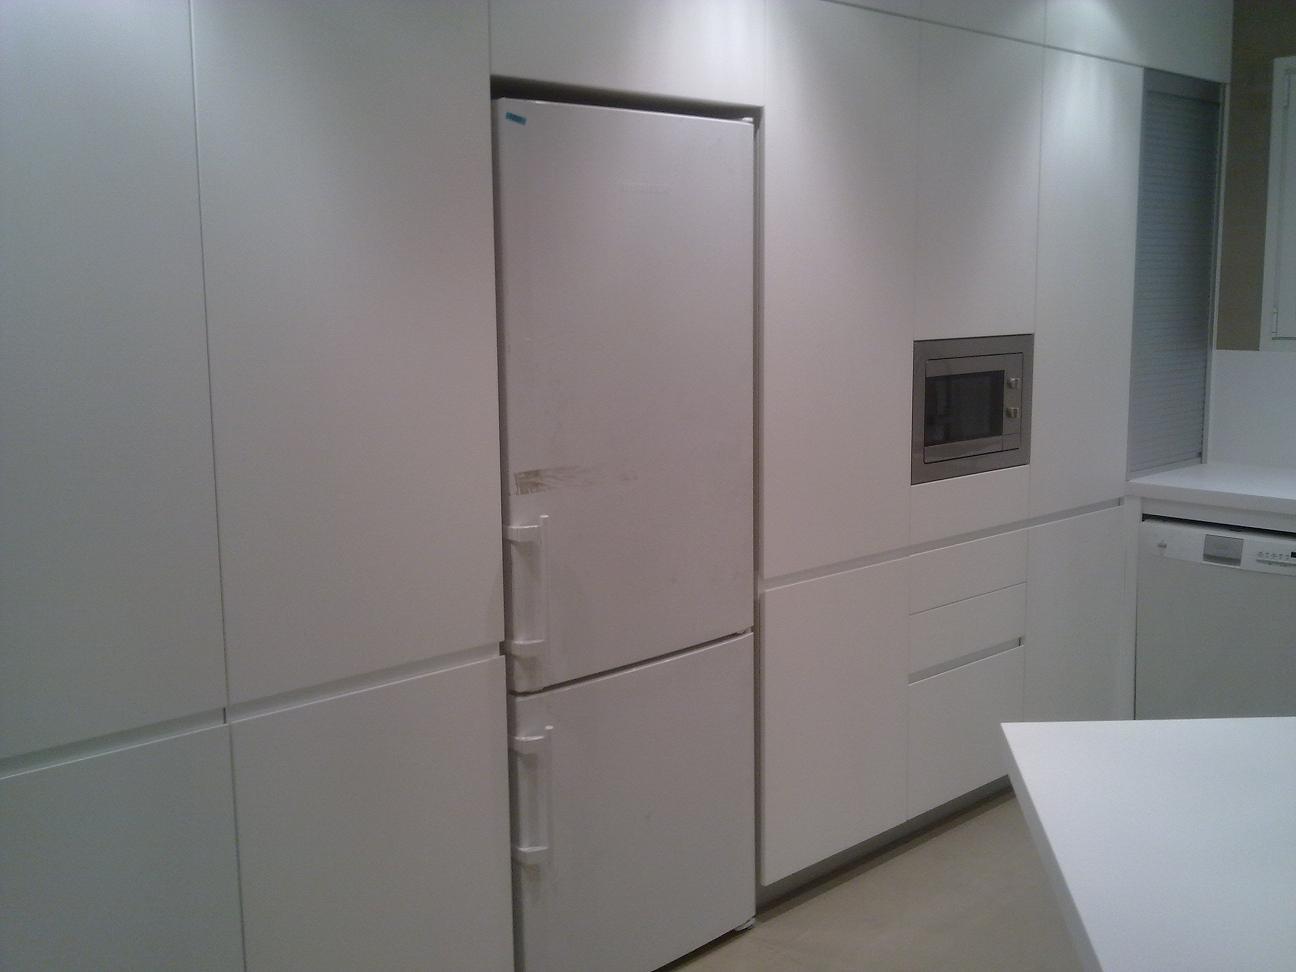 Cuanto cuesta reformar cocina trendy reformar tu cocina - Cuanto cuesta renovar una cocina ...